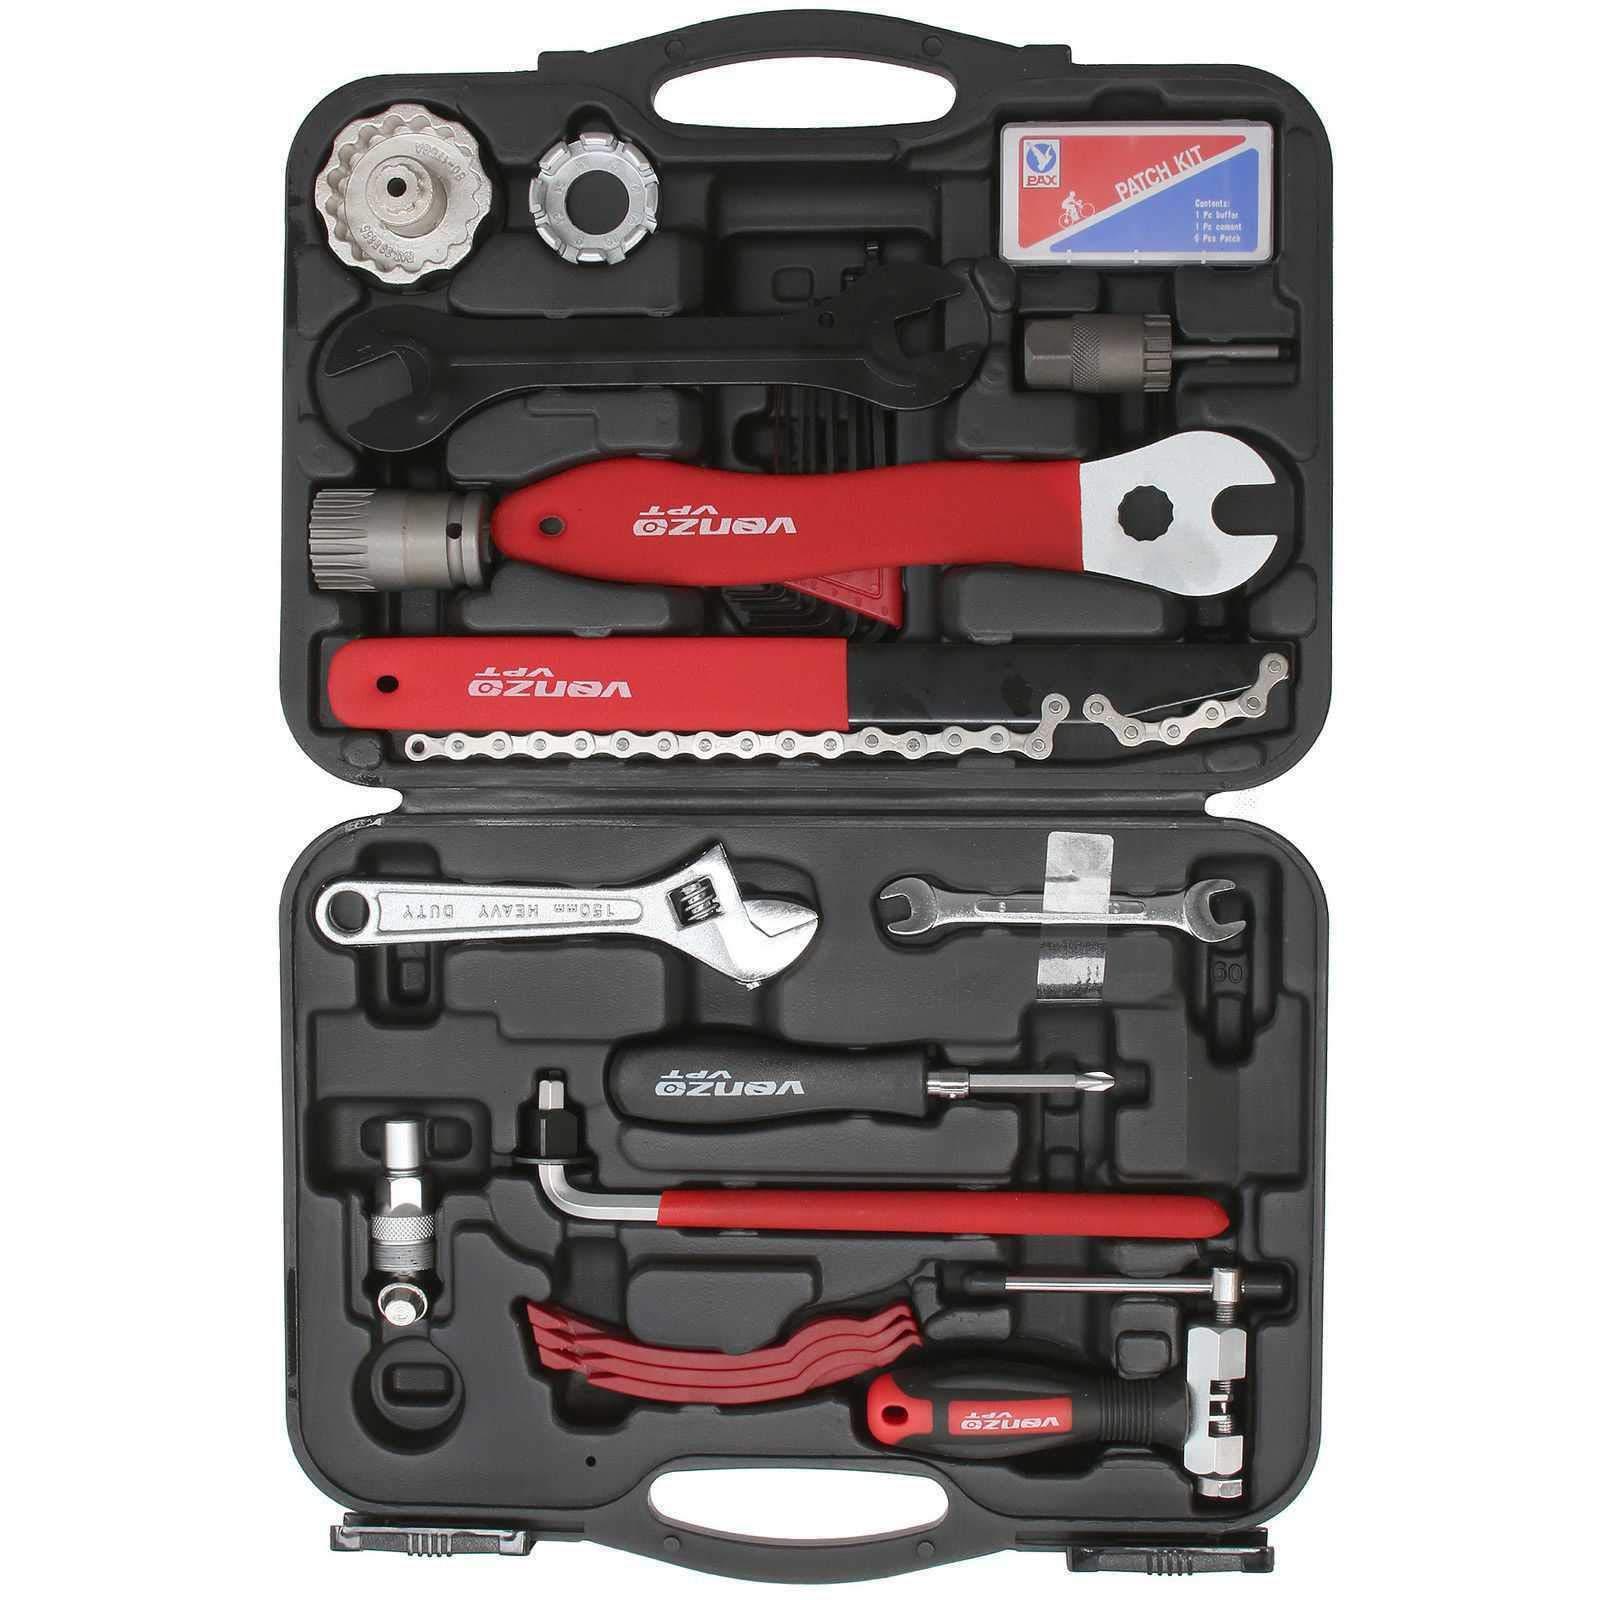 Venzo Premium Bike Bicycle Repair Tools Tool Kit by Venzo